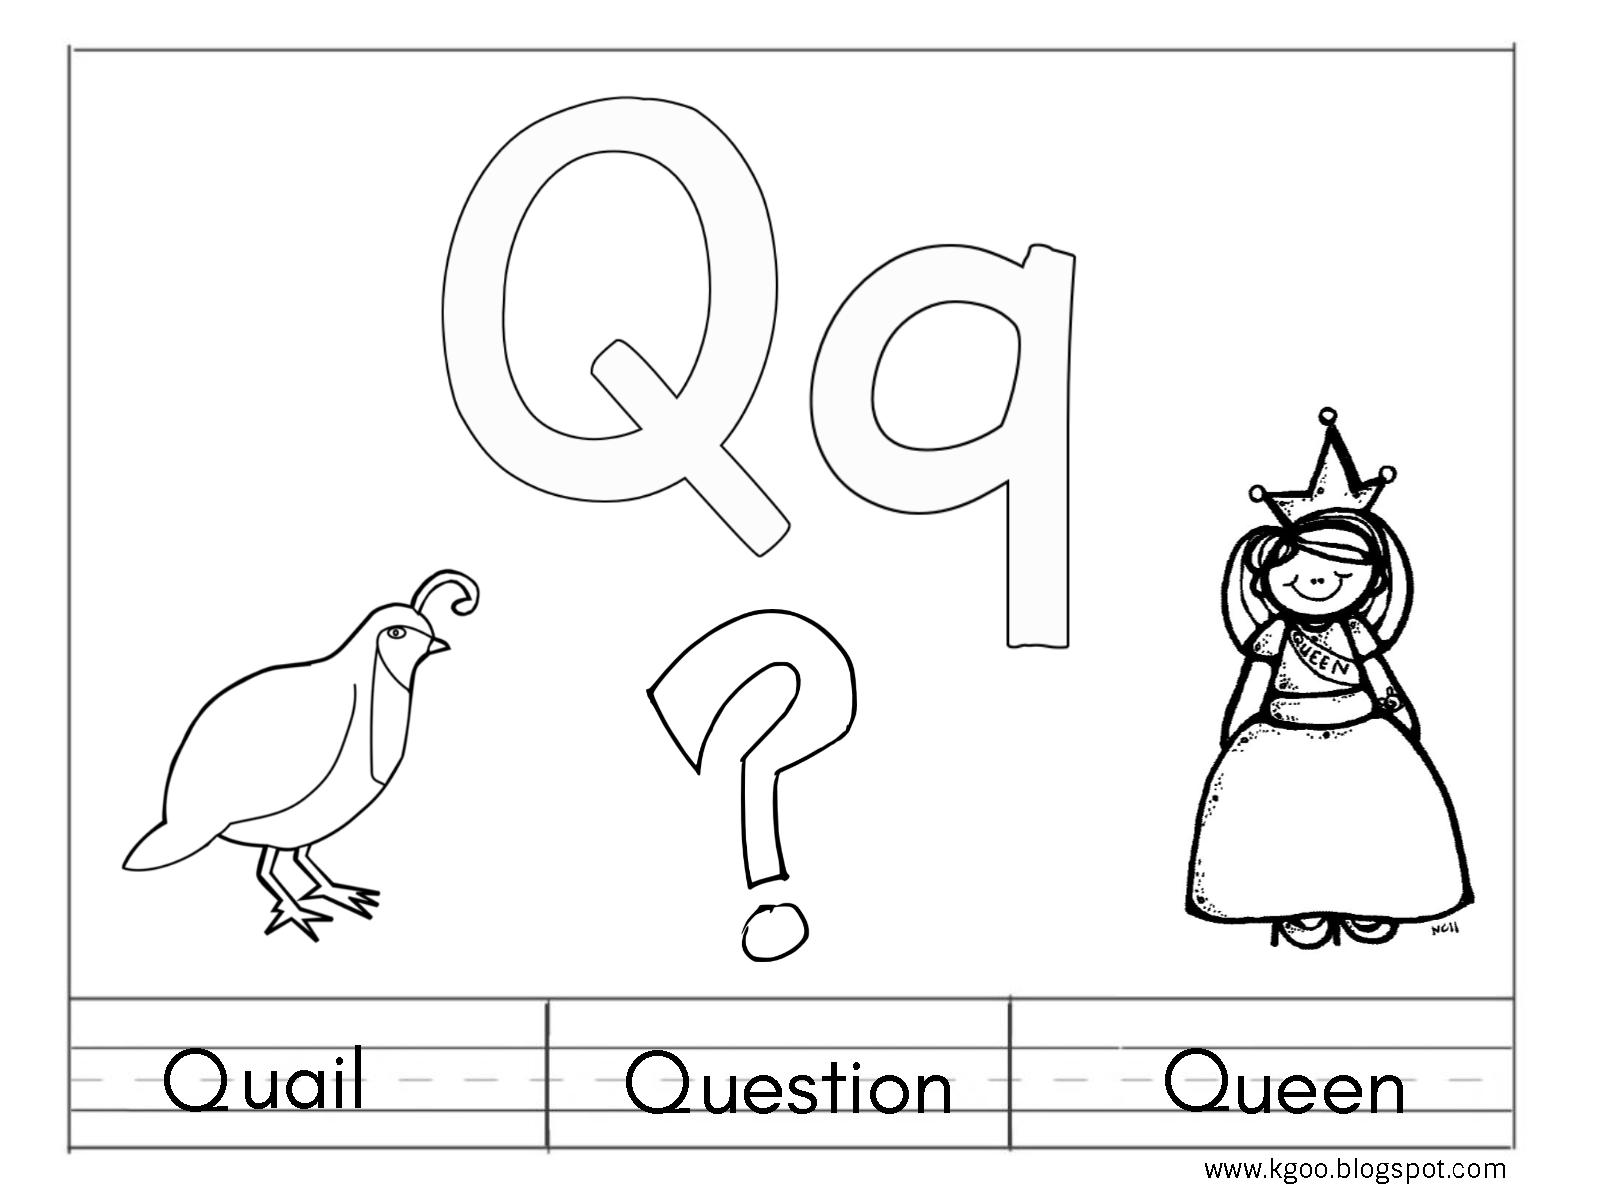 حرف Q للاطفال احرف اللغة الانجليزية